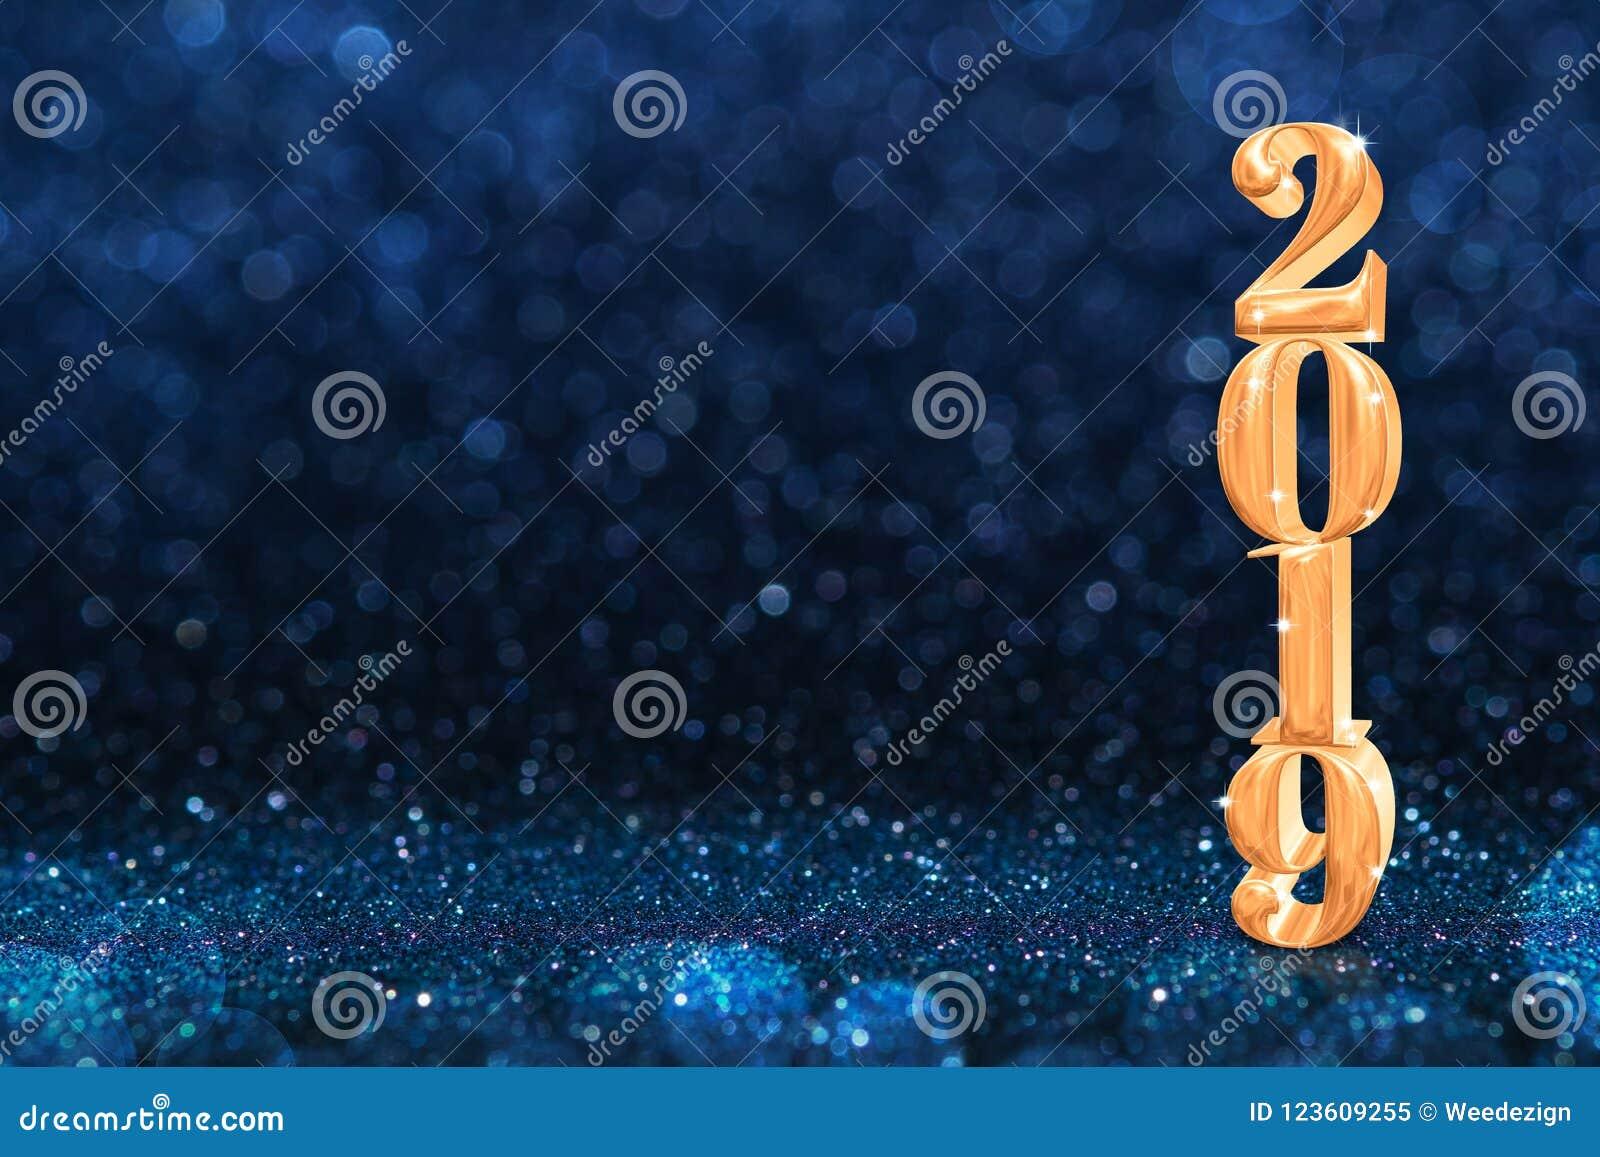 2019 Años Nuevos de oro de representación de 3d en el extracto bl oscuro chispeante